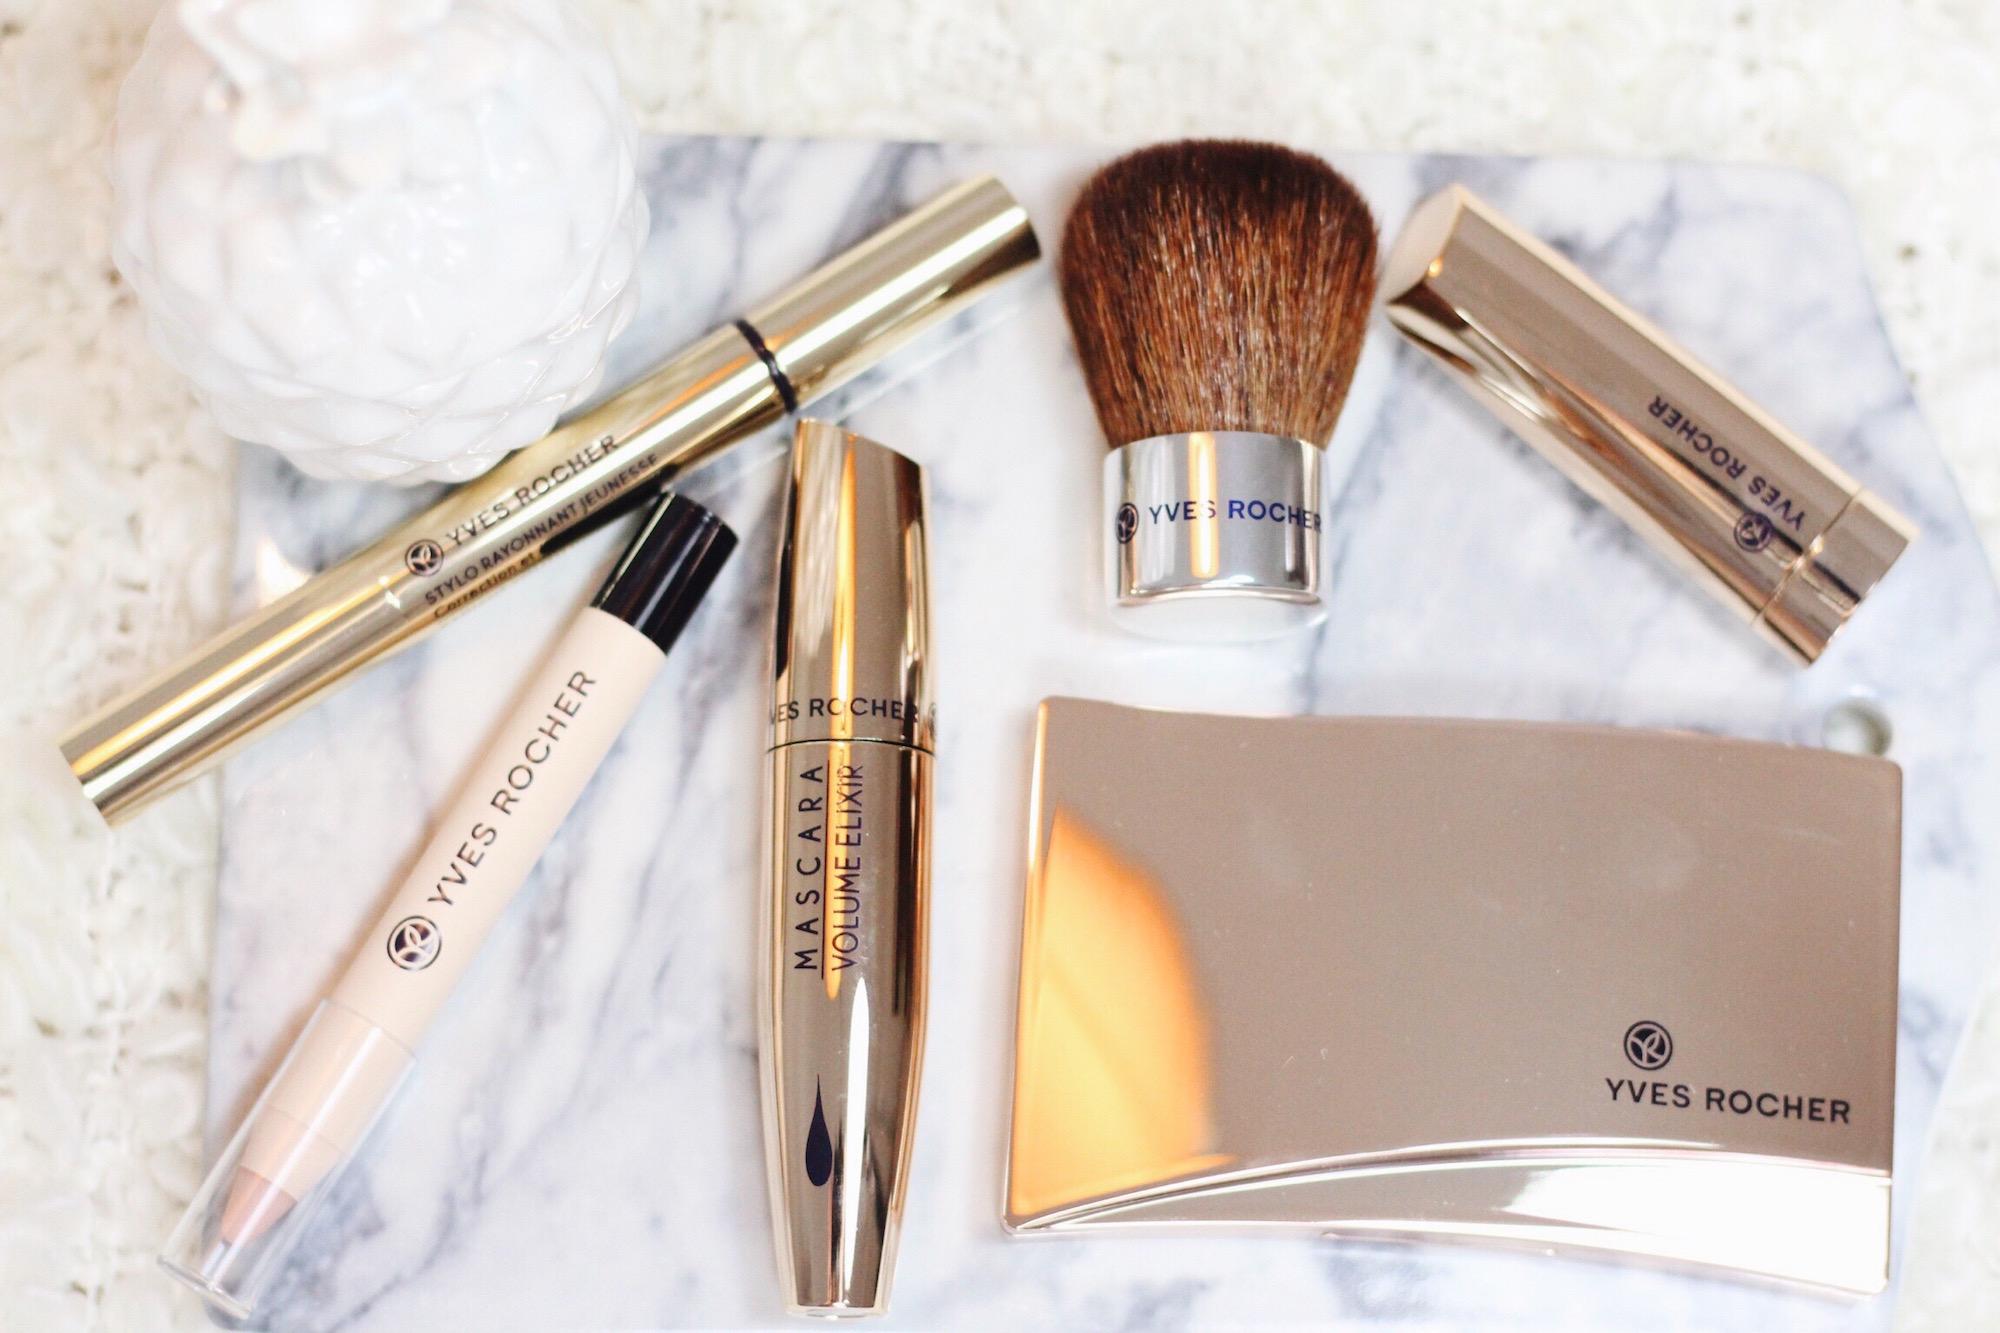 Yves-Roher-Kosmetik-naturnah-Lippenstift-Puder-Concealer-Volume-Elixier-Beautyblog-Modeblog-Test-Primer